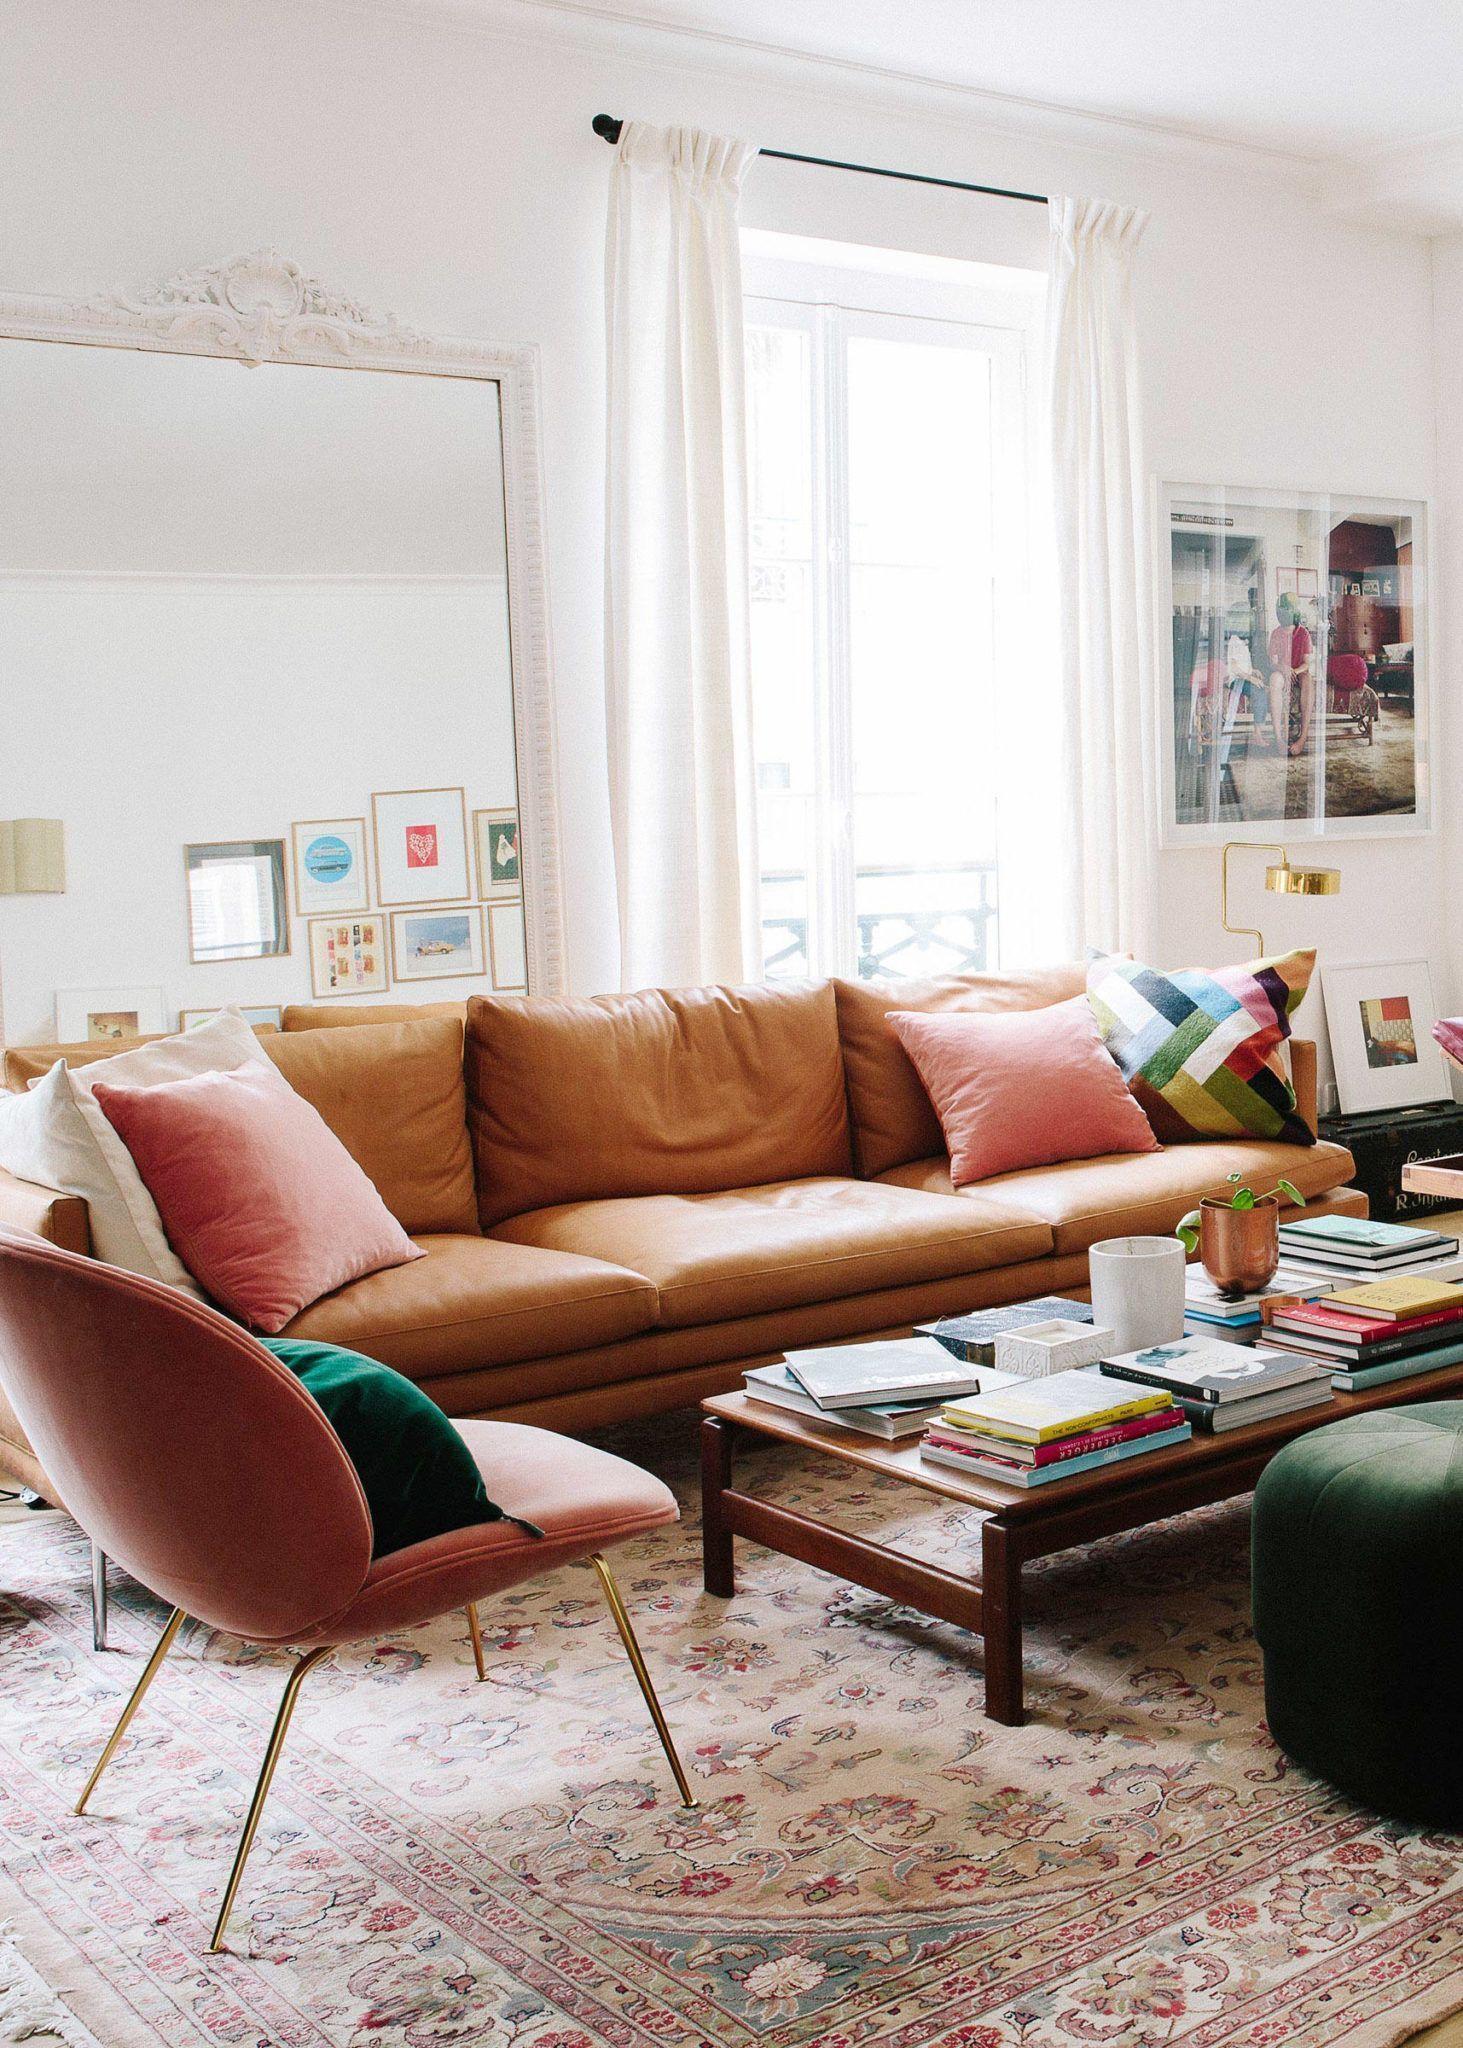 Pin di noraBwhite su Home sweet home nel 2019 | Arredamento casa ...